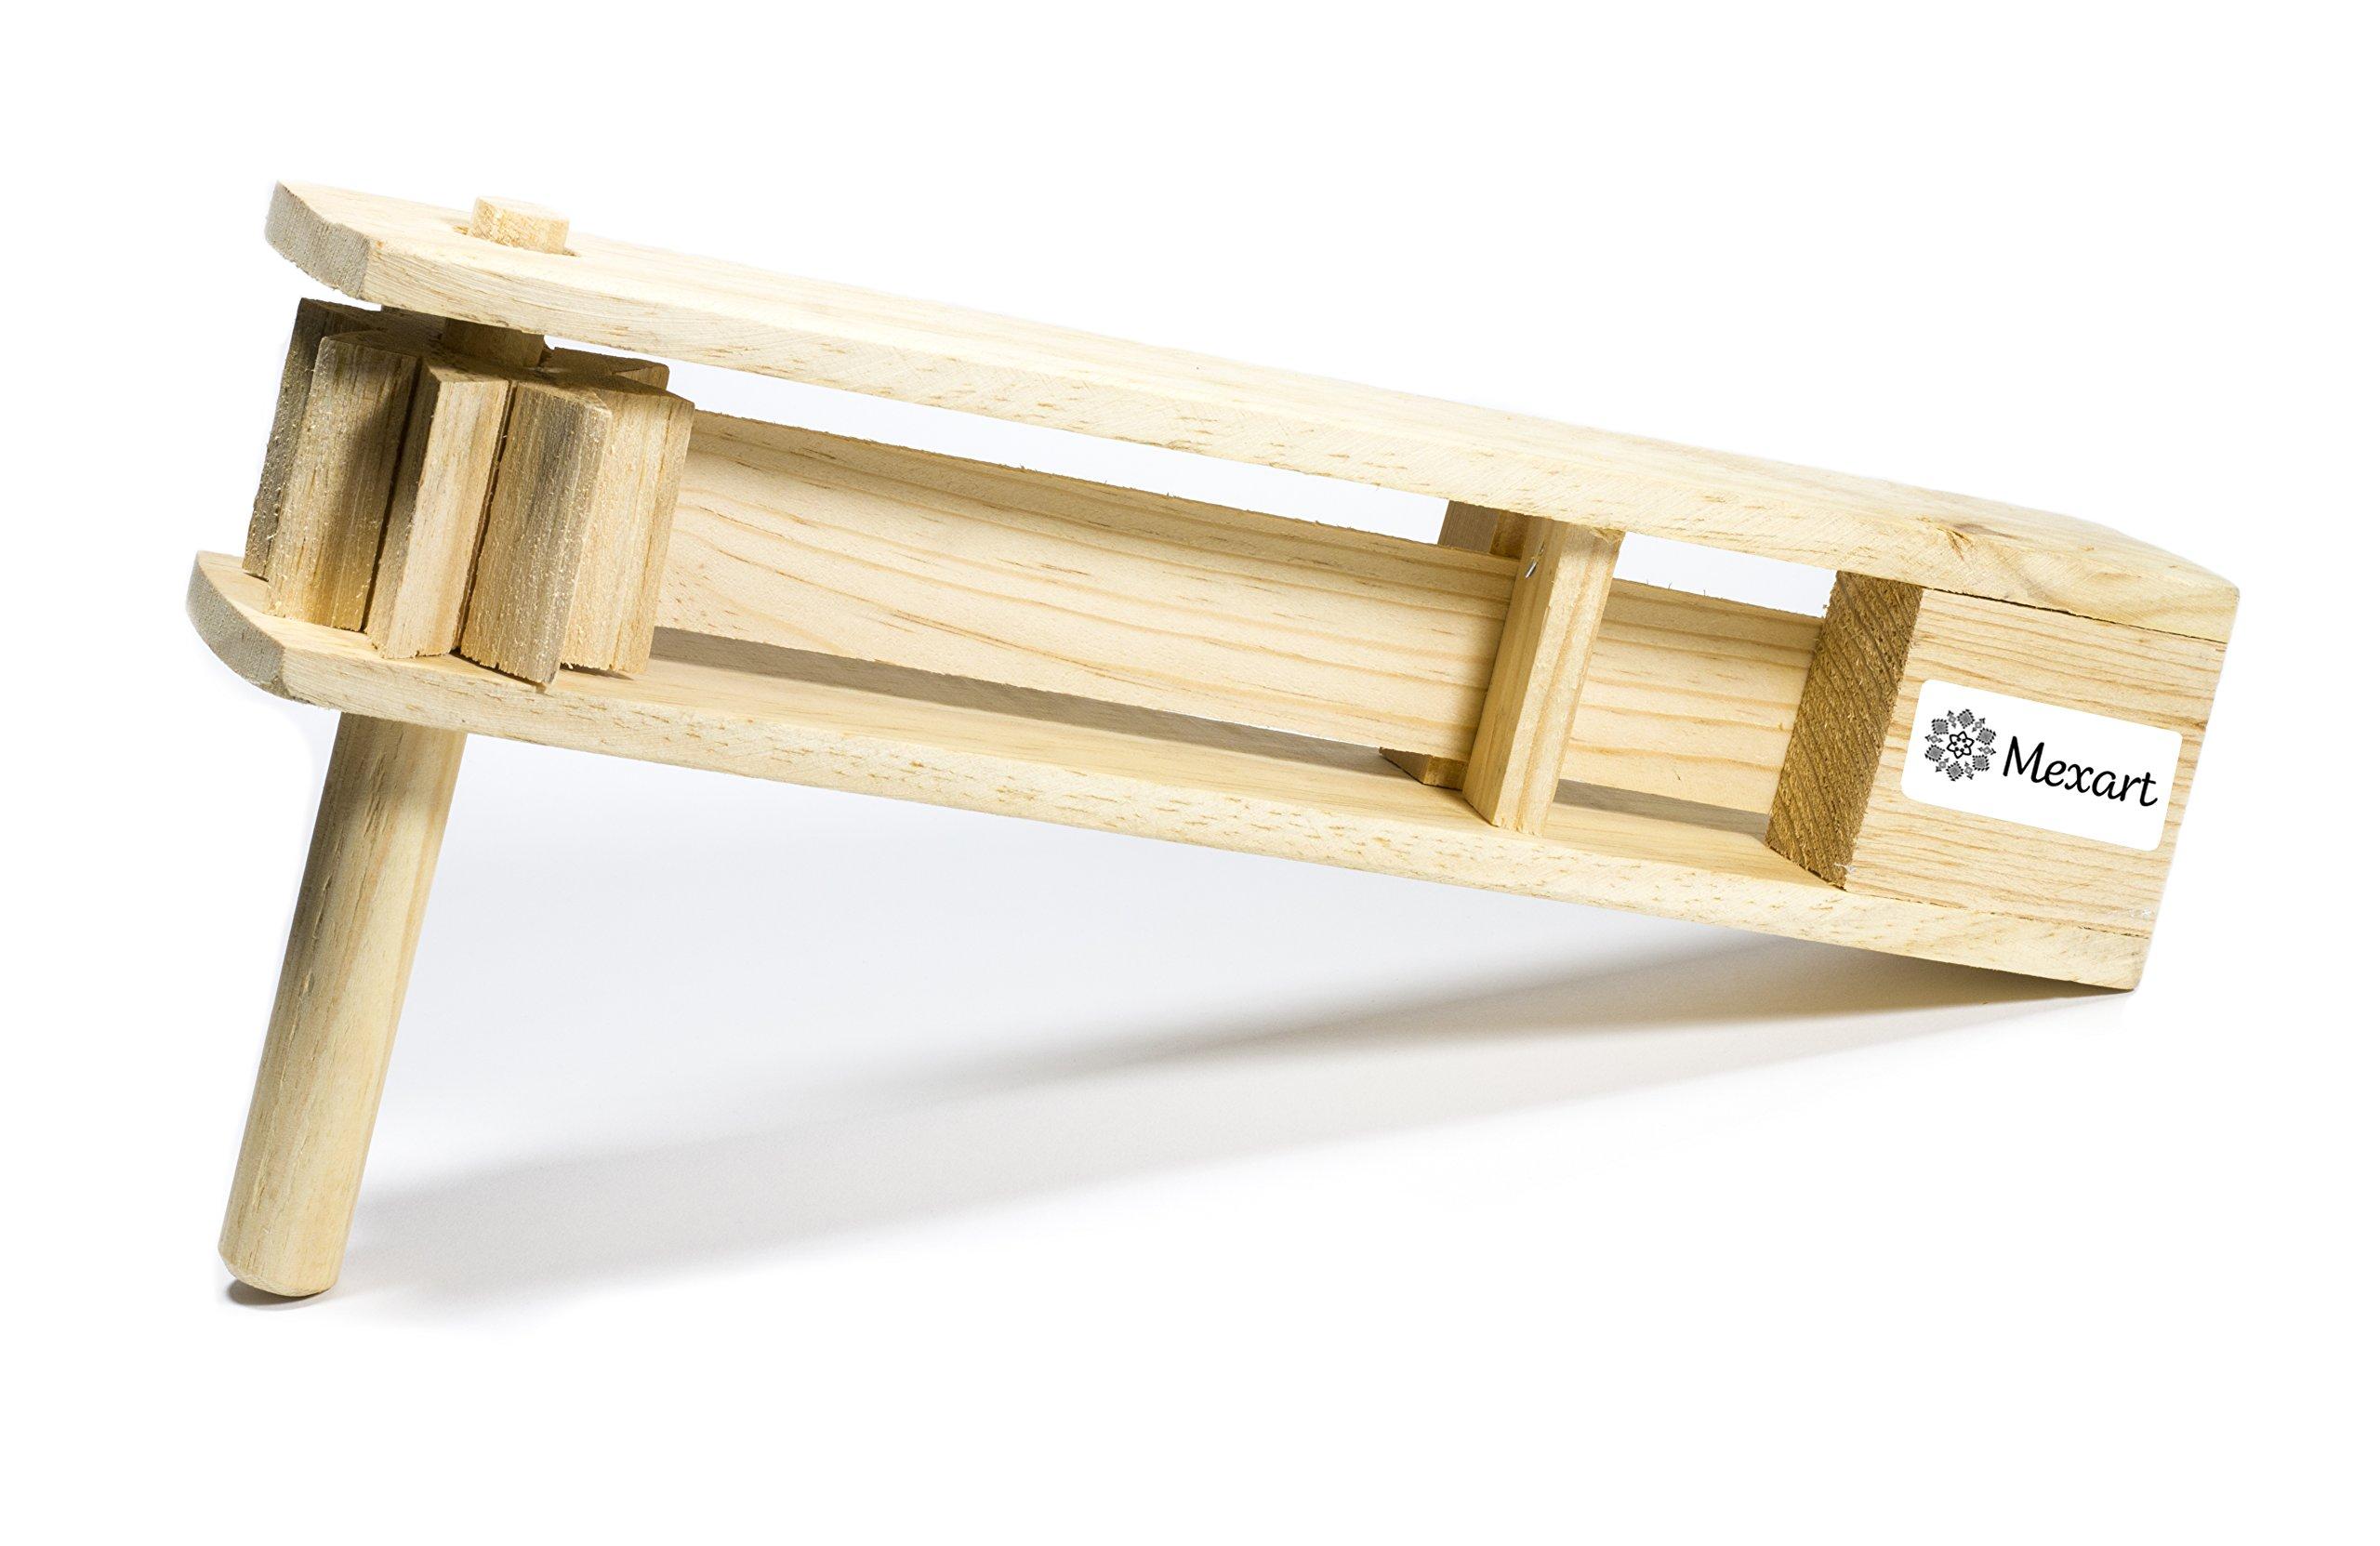 MexART Wooden Handmade Noisemaker Grogger, Matraca Ratchet Sports Loud 15'' Long by MexART